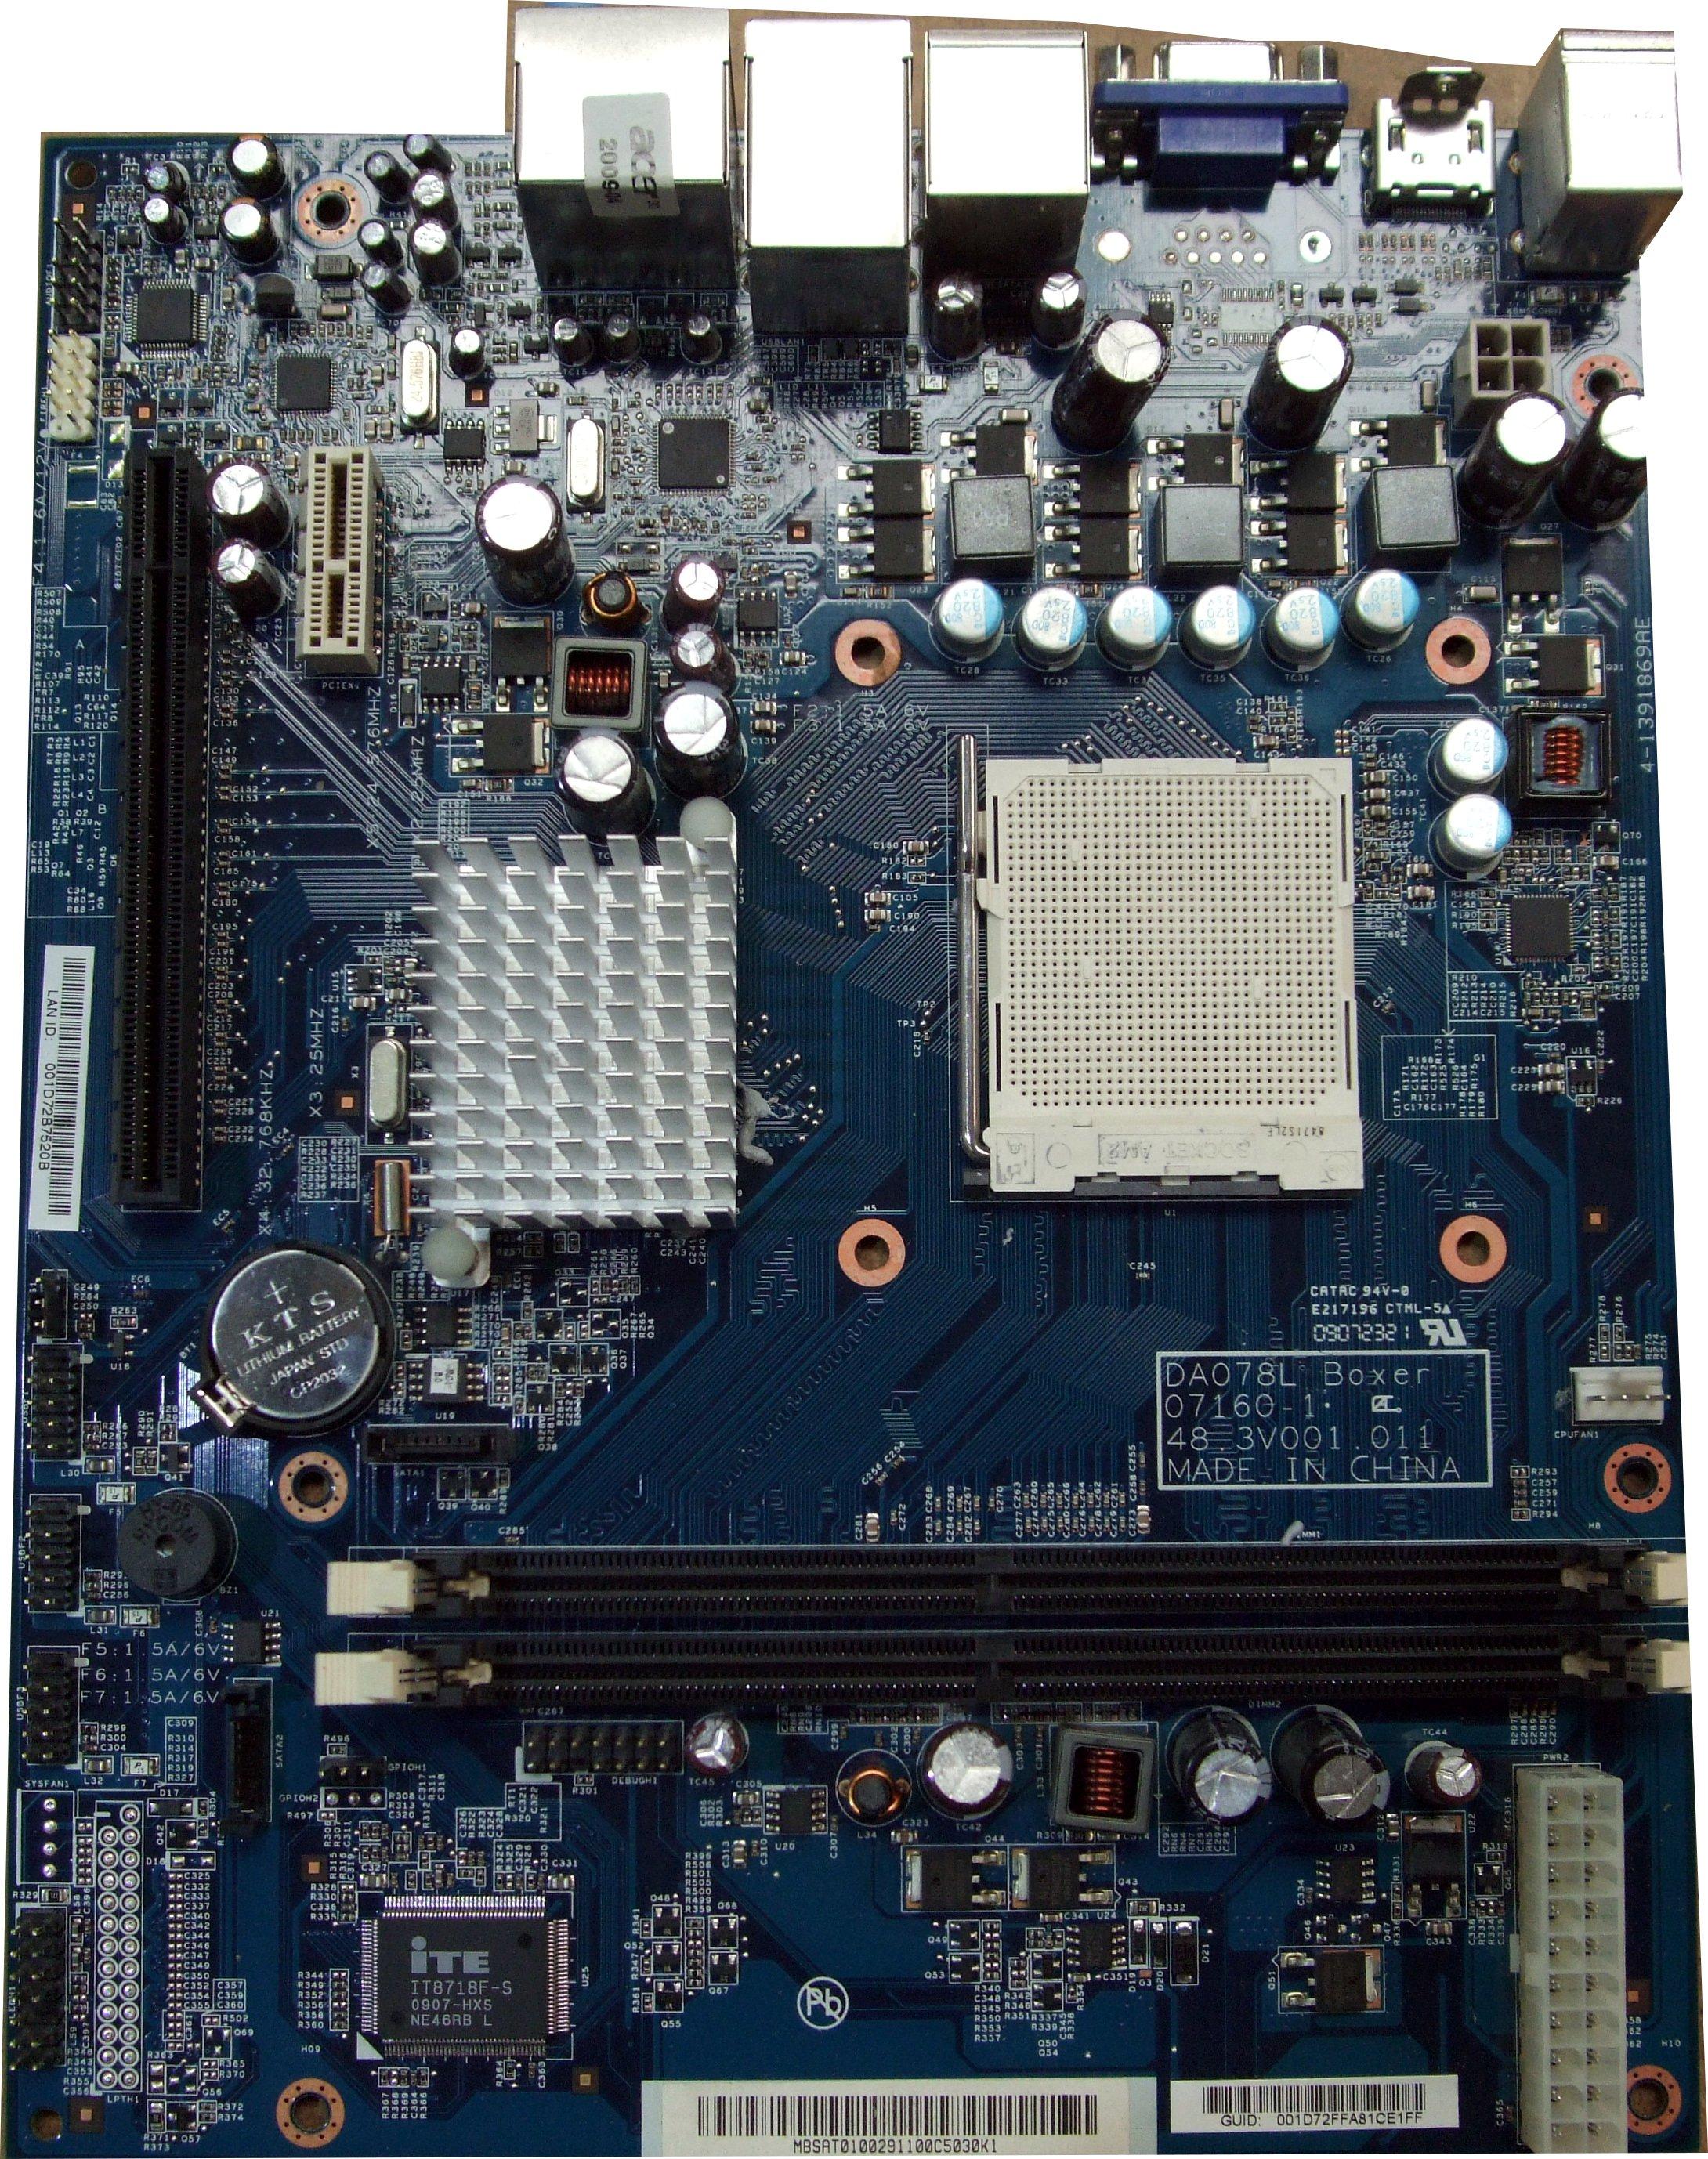 DA078L 07160-1 Boxer Acer AMD Socket AM2+ System Motherboard - MB.SAT01.002